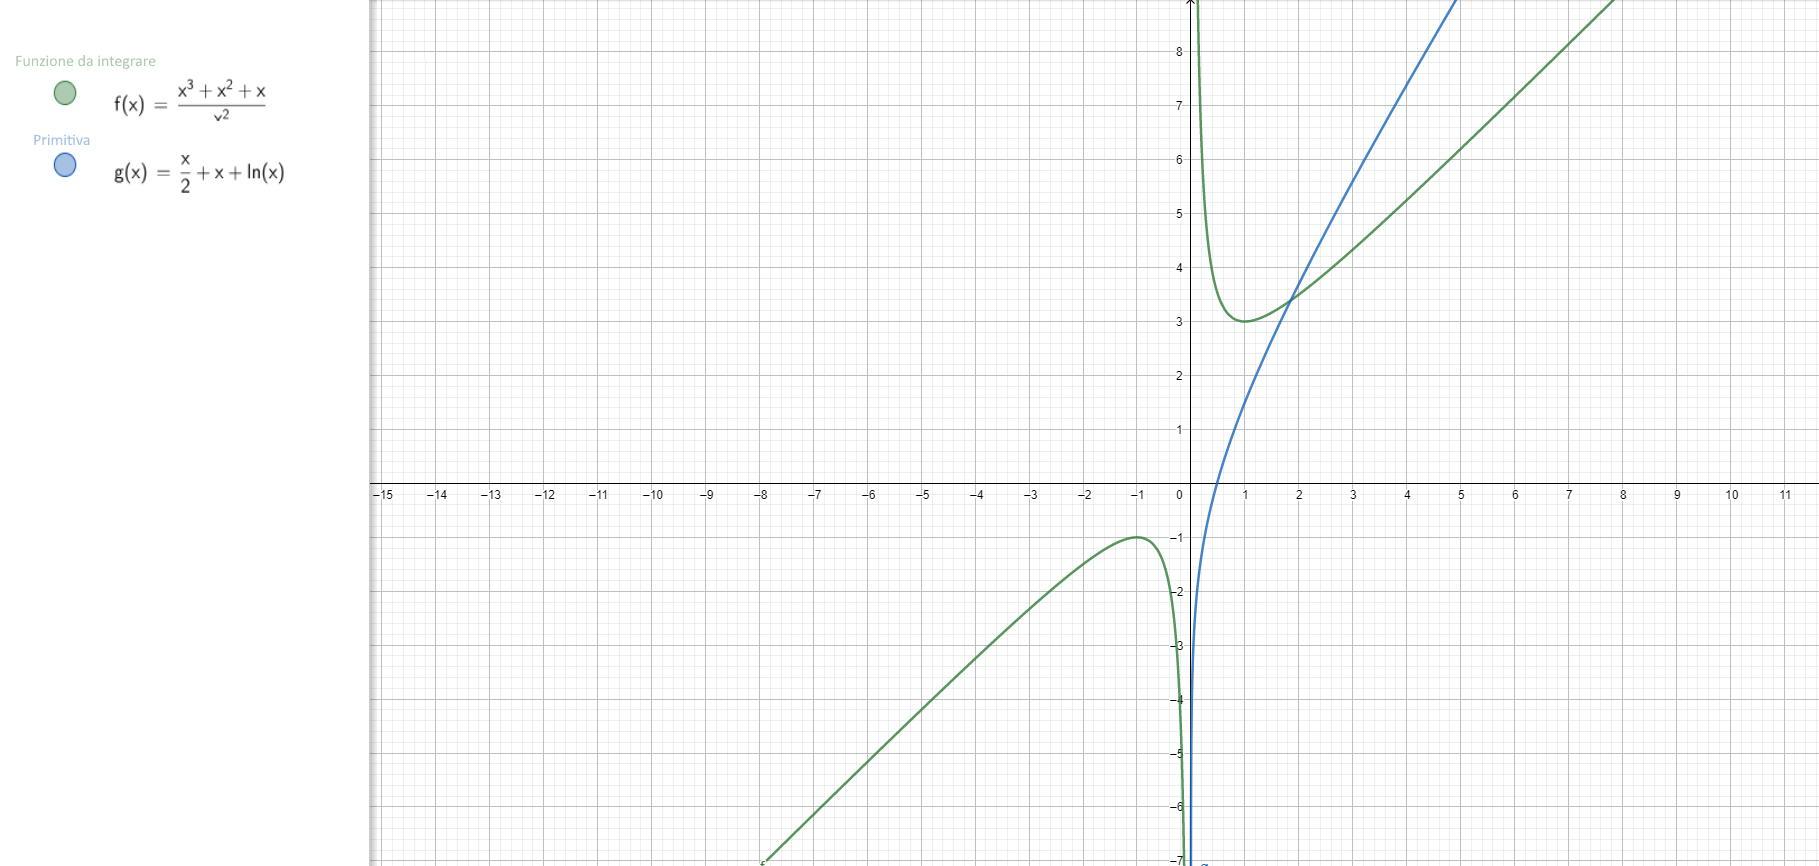 Integrale indefinito di f(x)=(x^3+x^2+x)(x^-2) - Grafico della funzione - II004